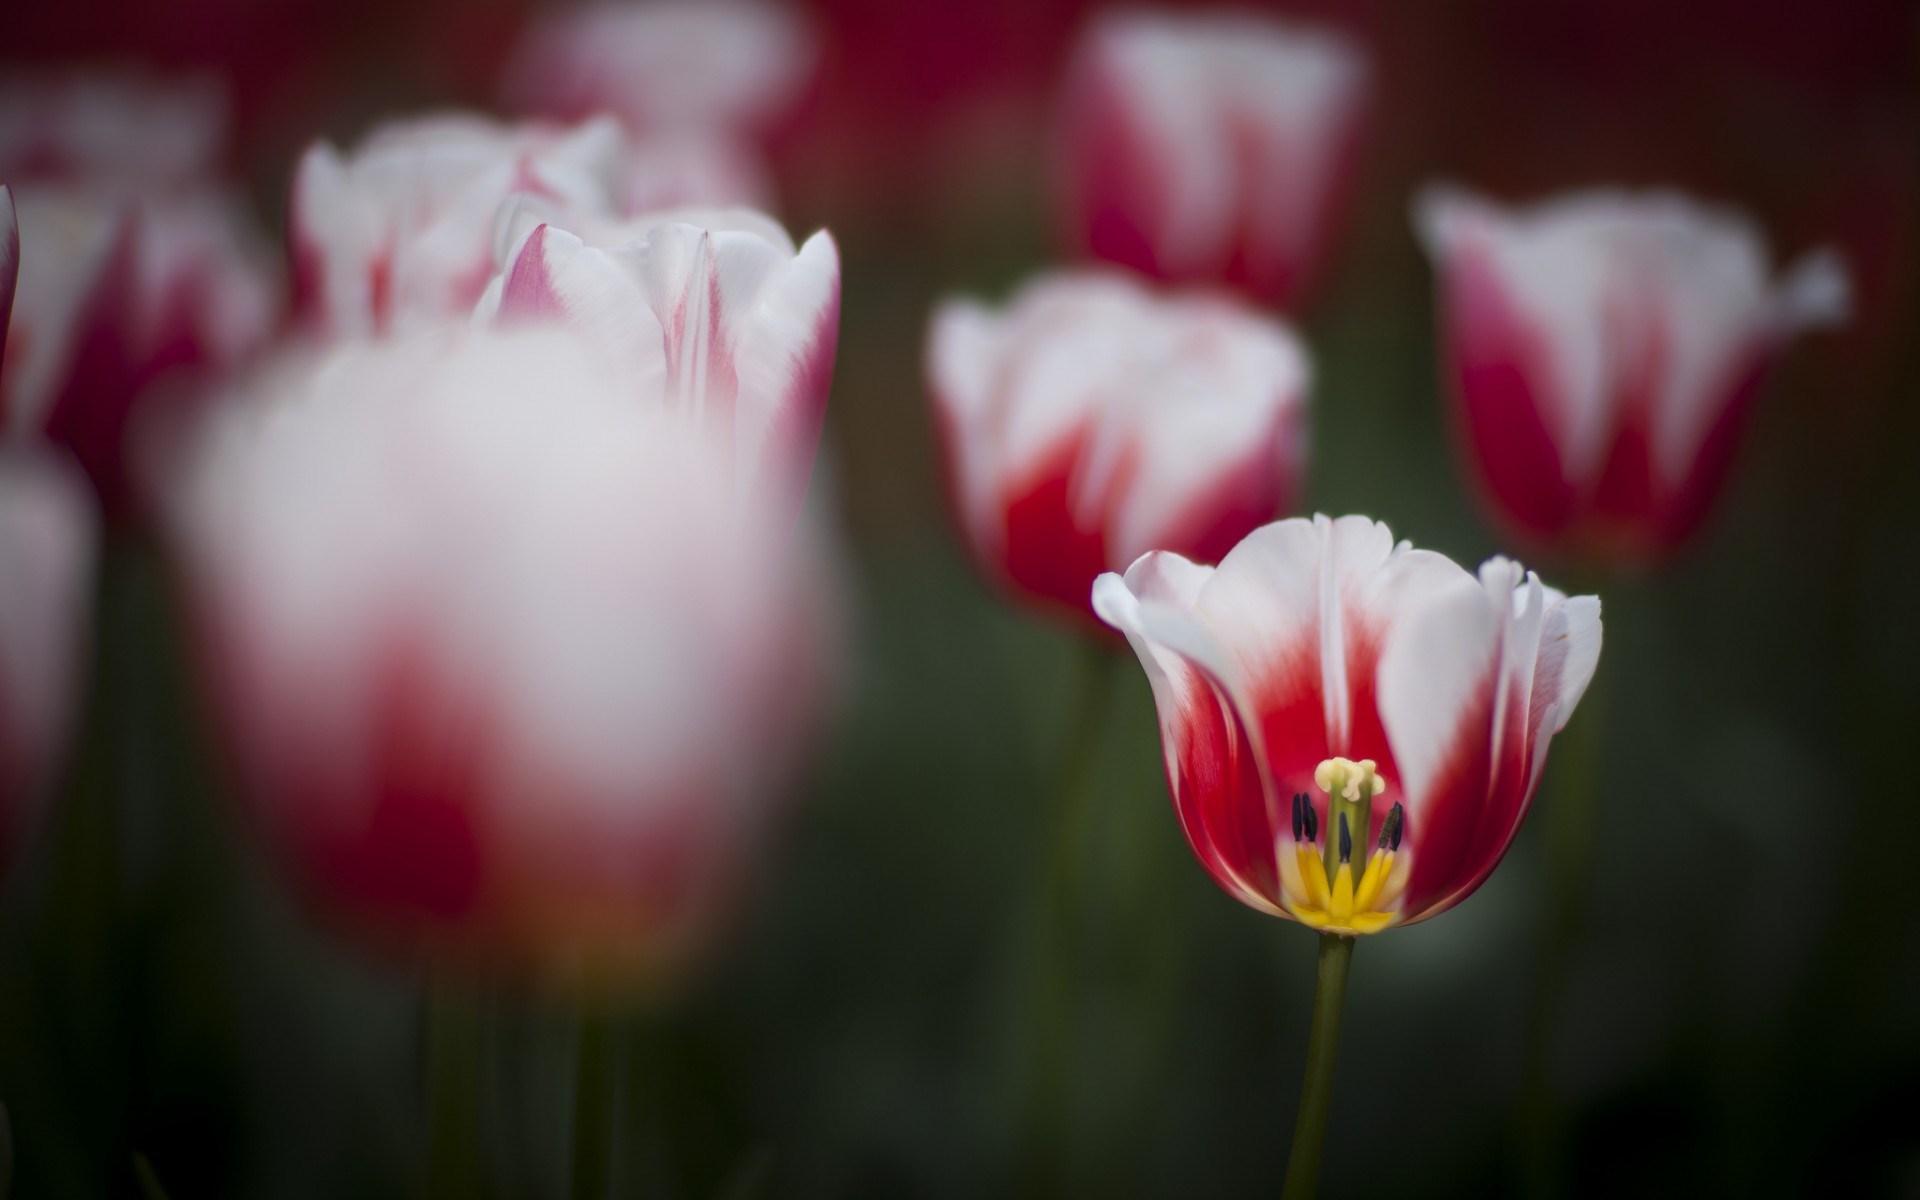 Spring Tulips Focus Nature